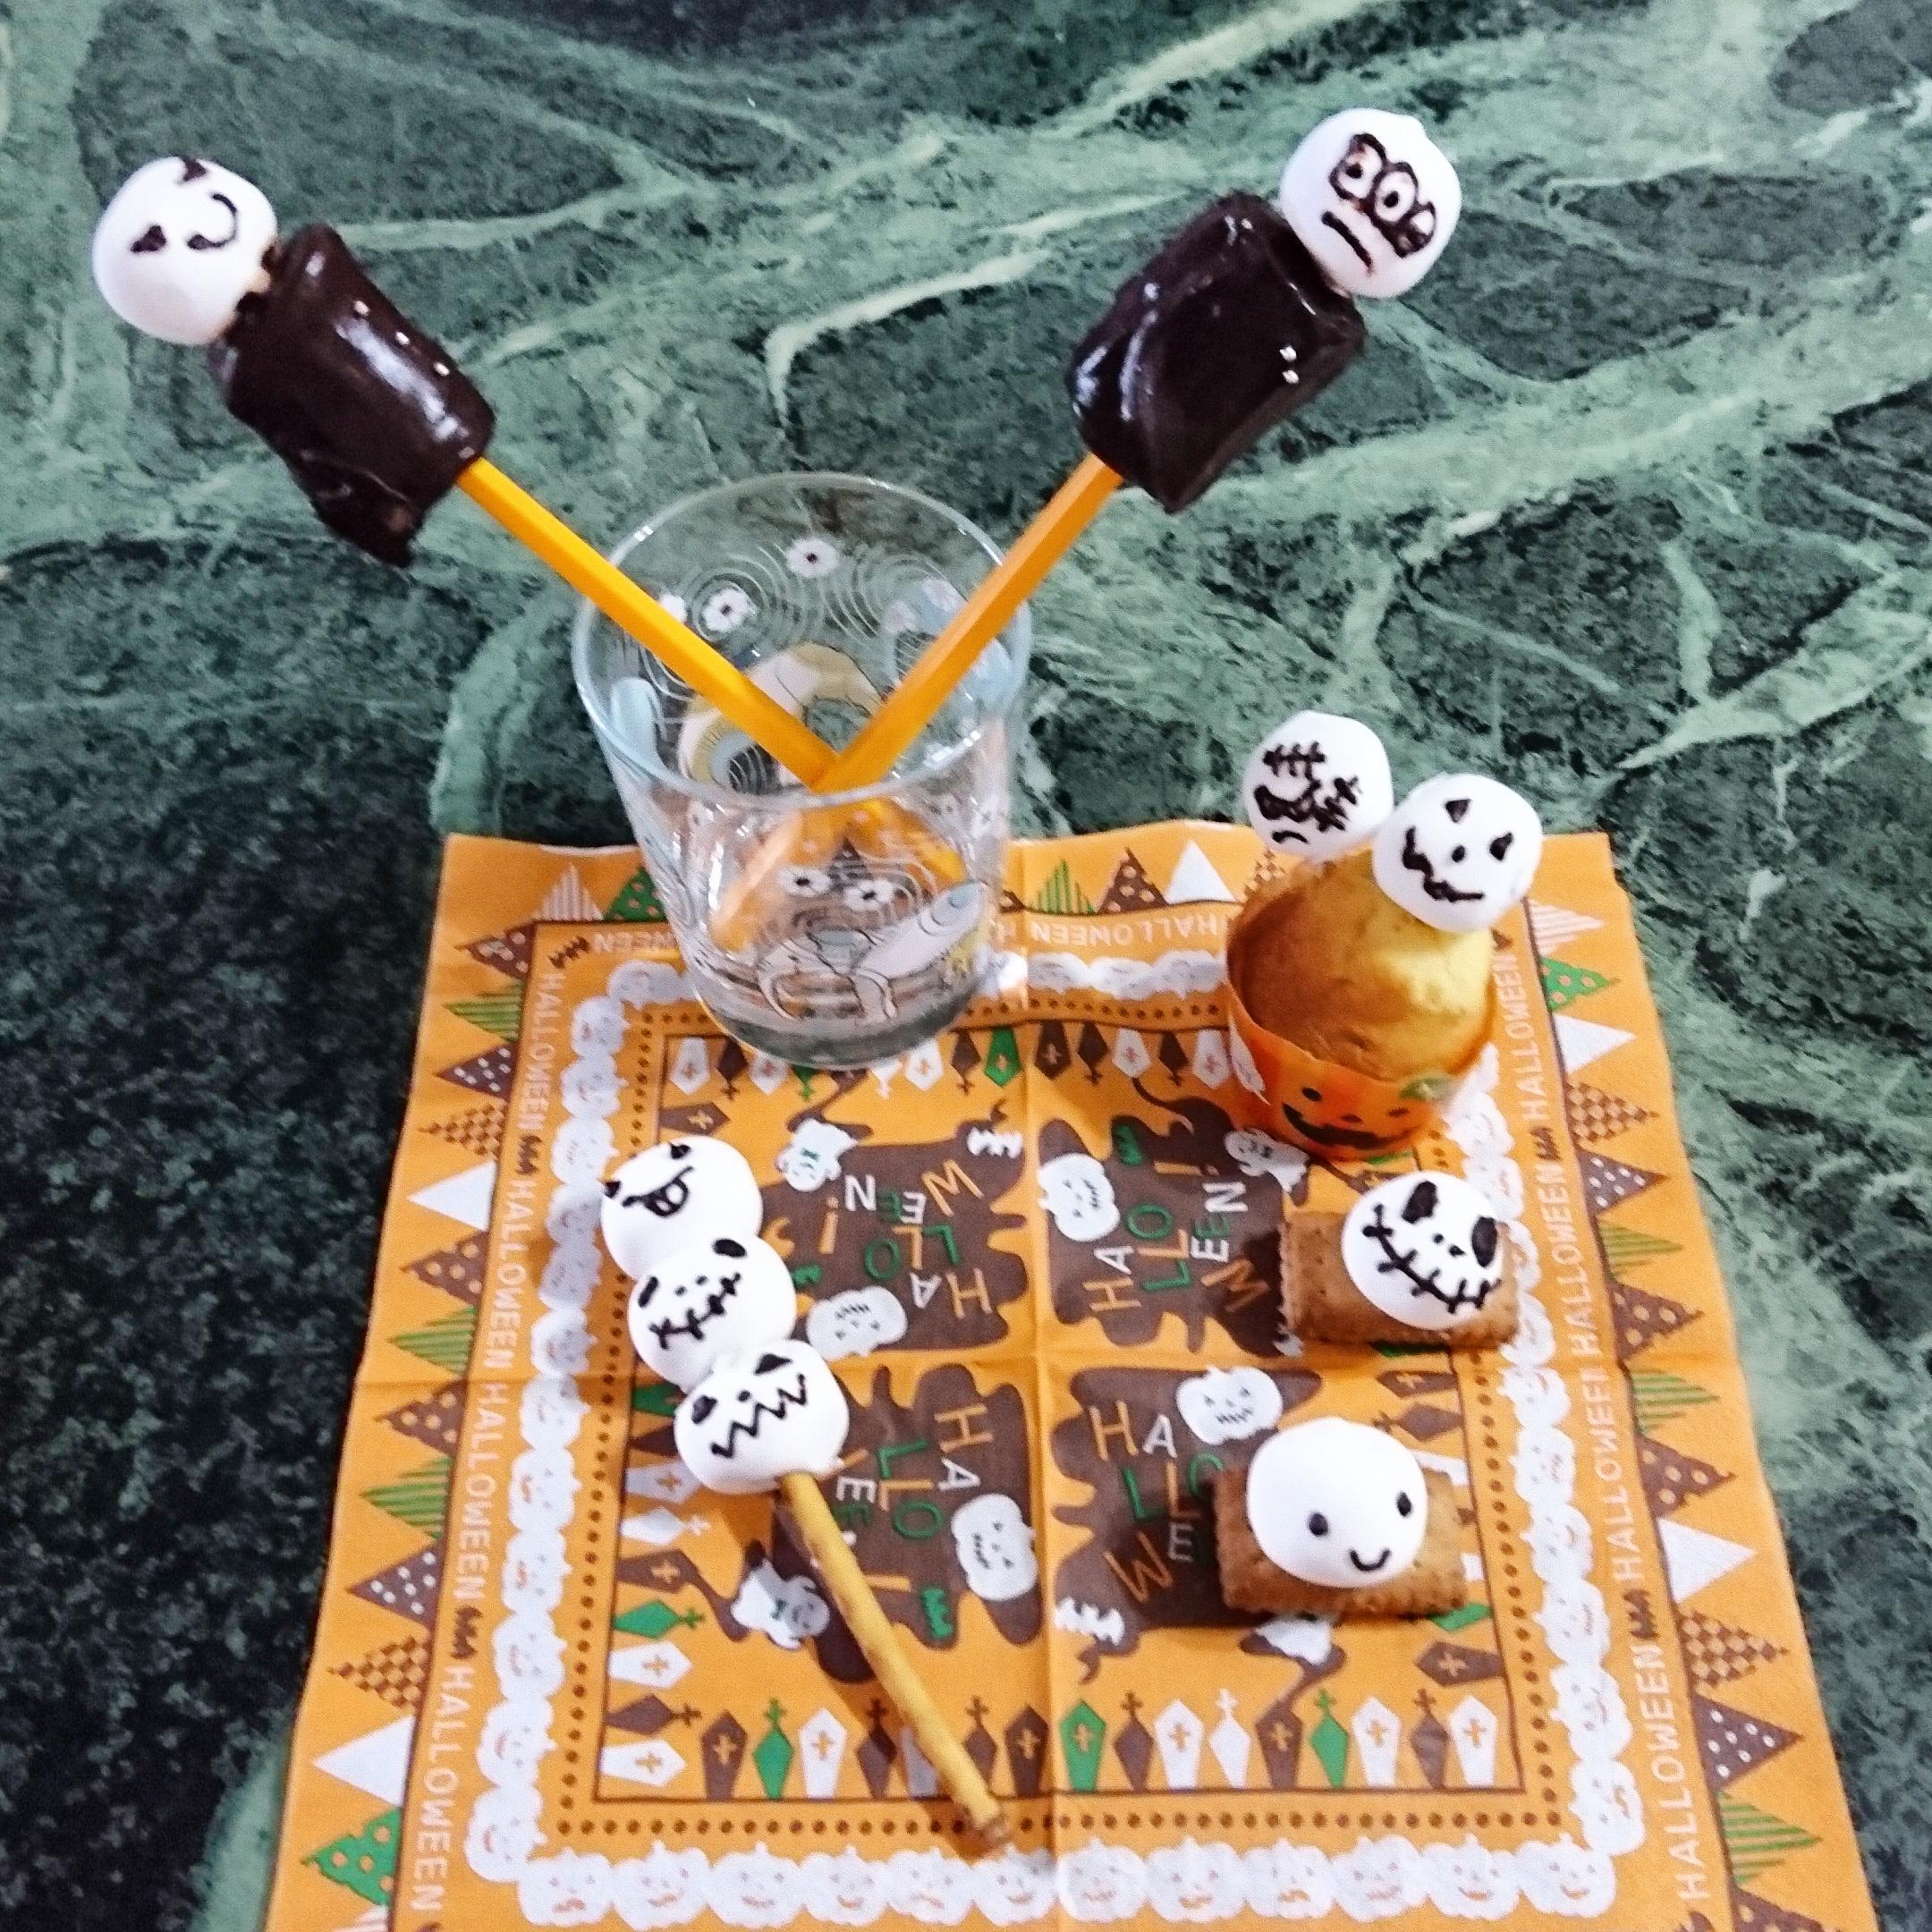 市販のお菓子でハロウィンパーティー